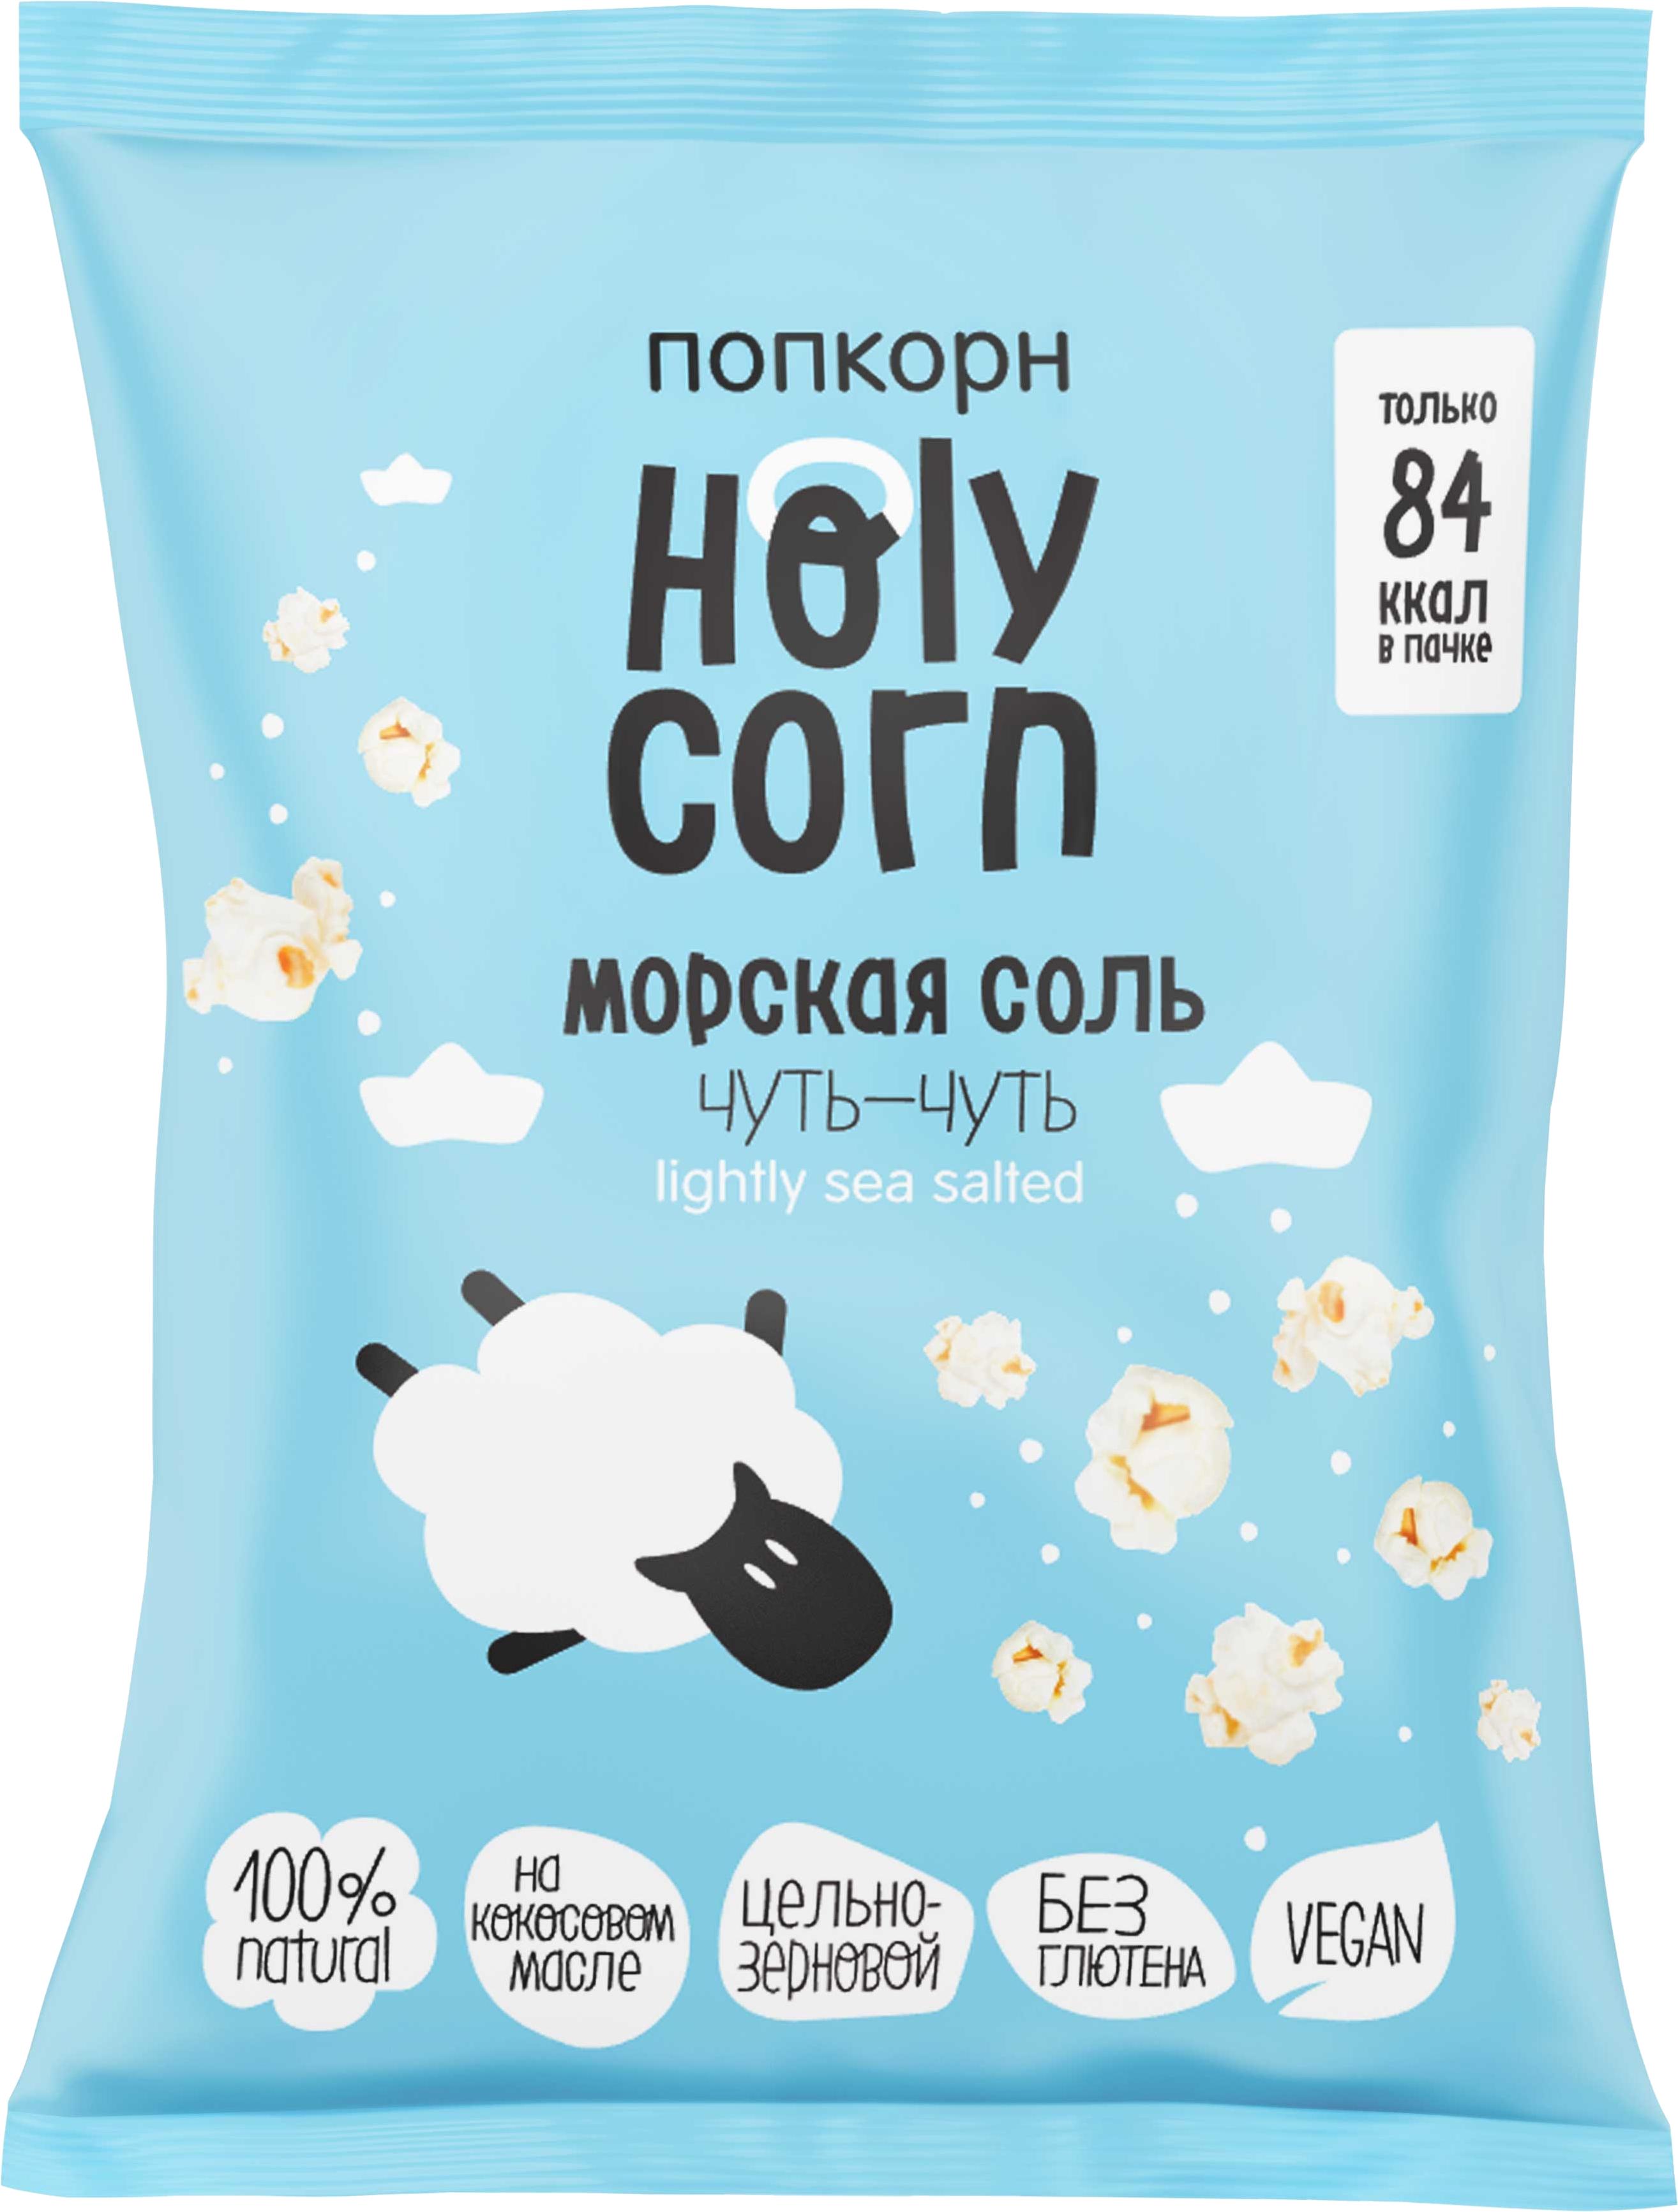 Попкорн Holy Corn «Морская соль» 20 г